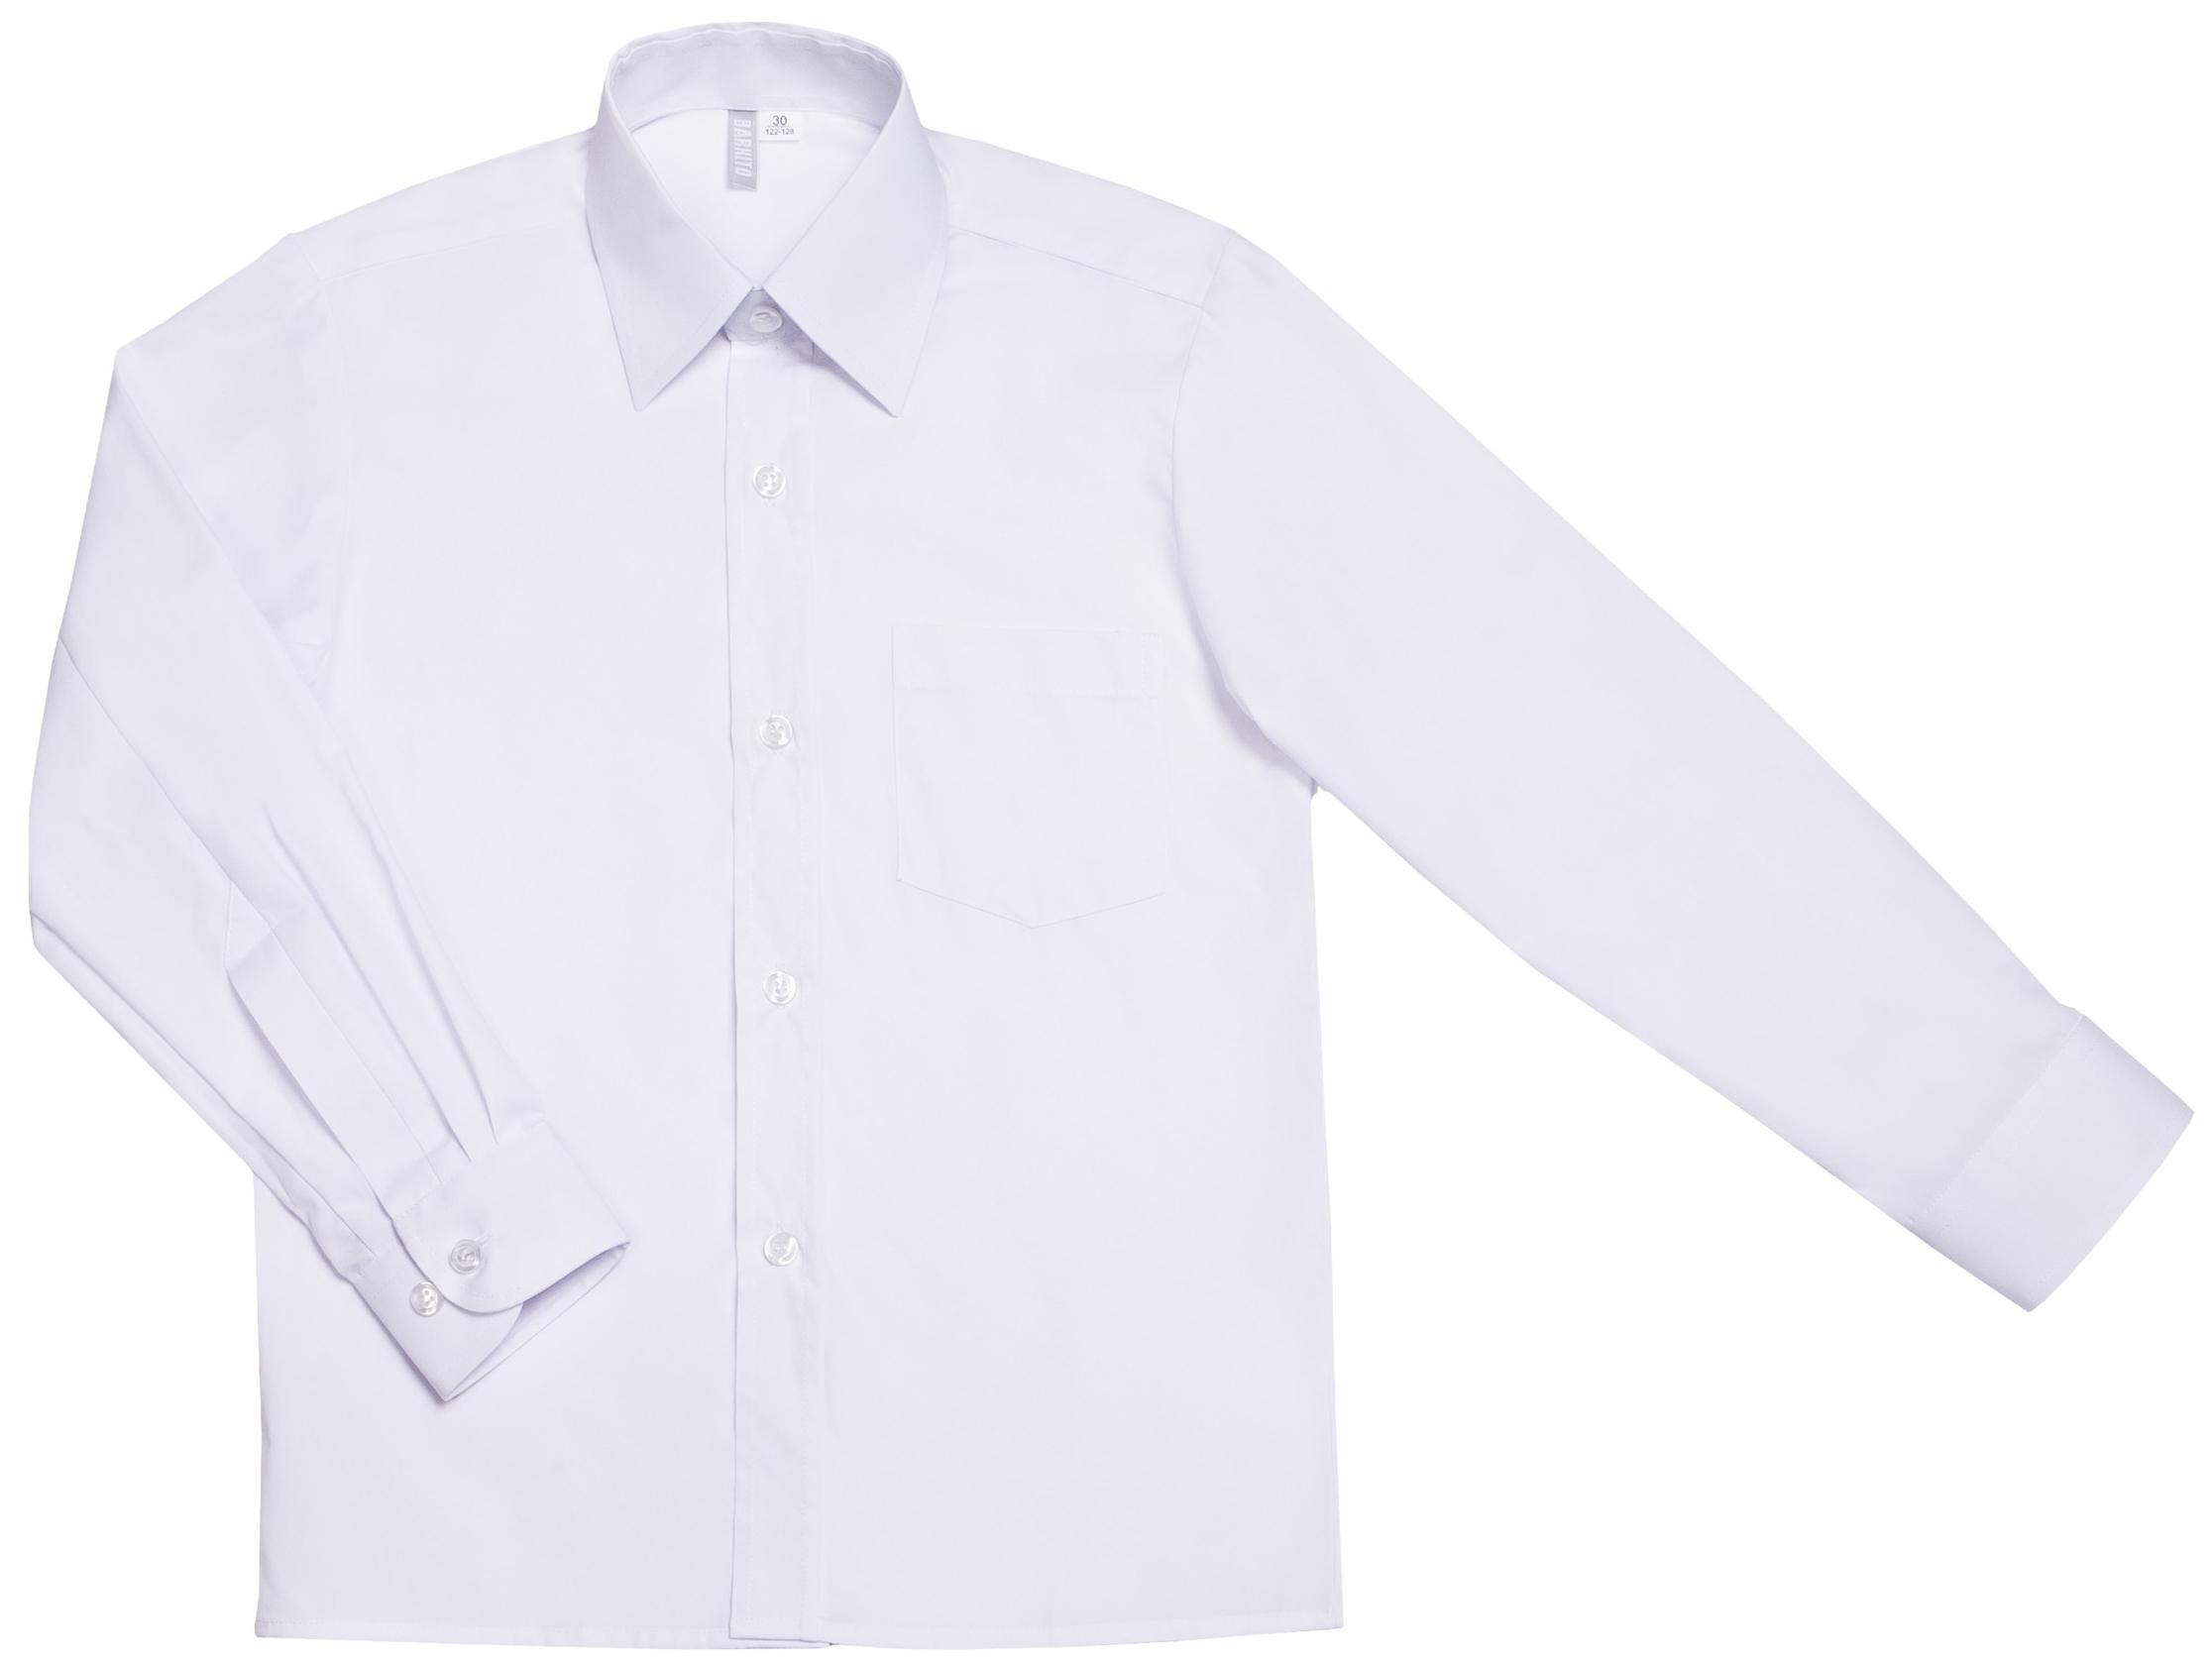 купить белую рубашку для мальчика